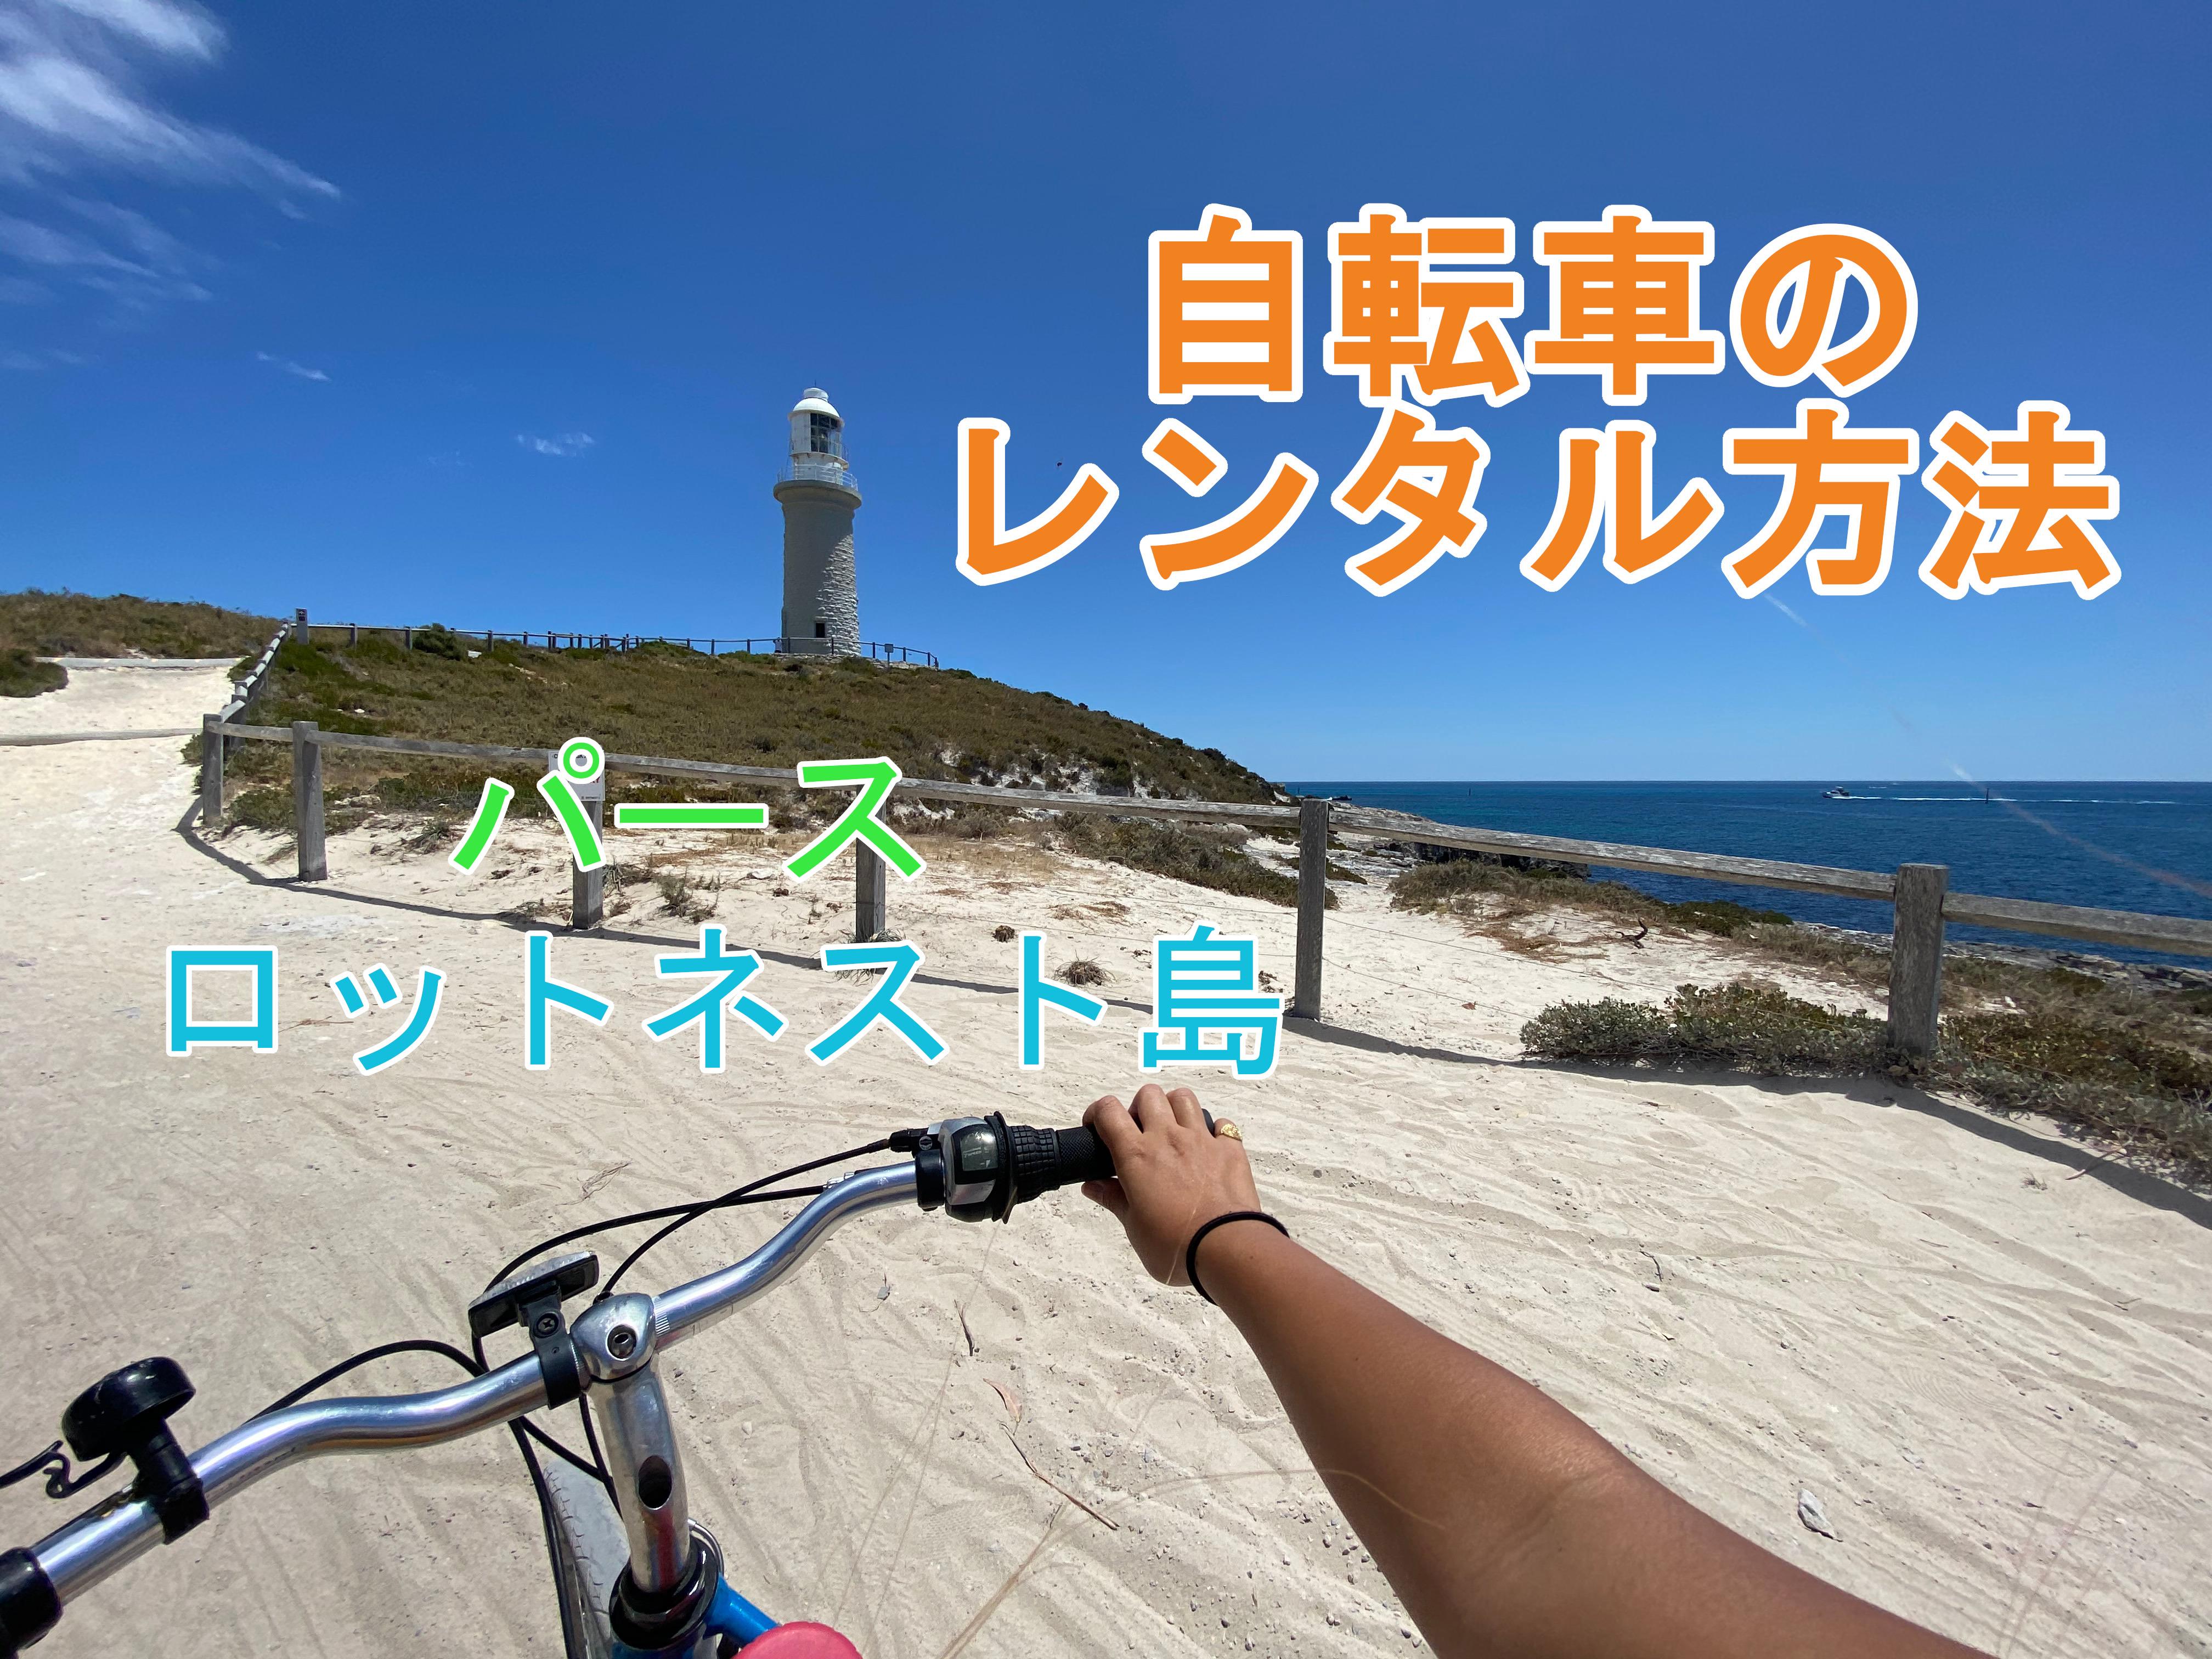 パースロットネスト島観光で自転車を借りる方法